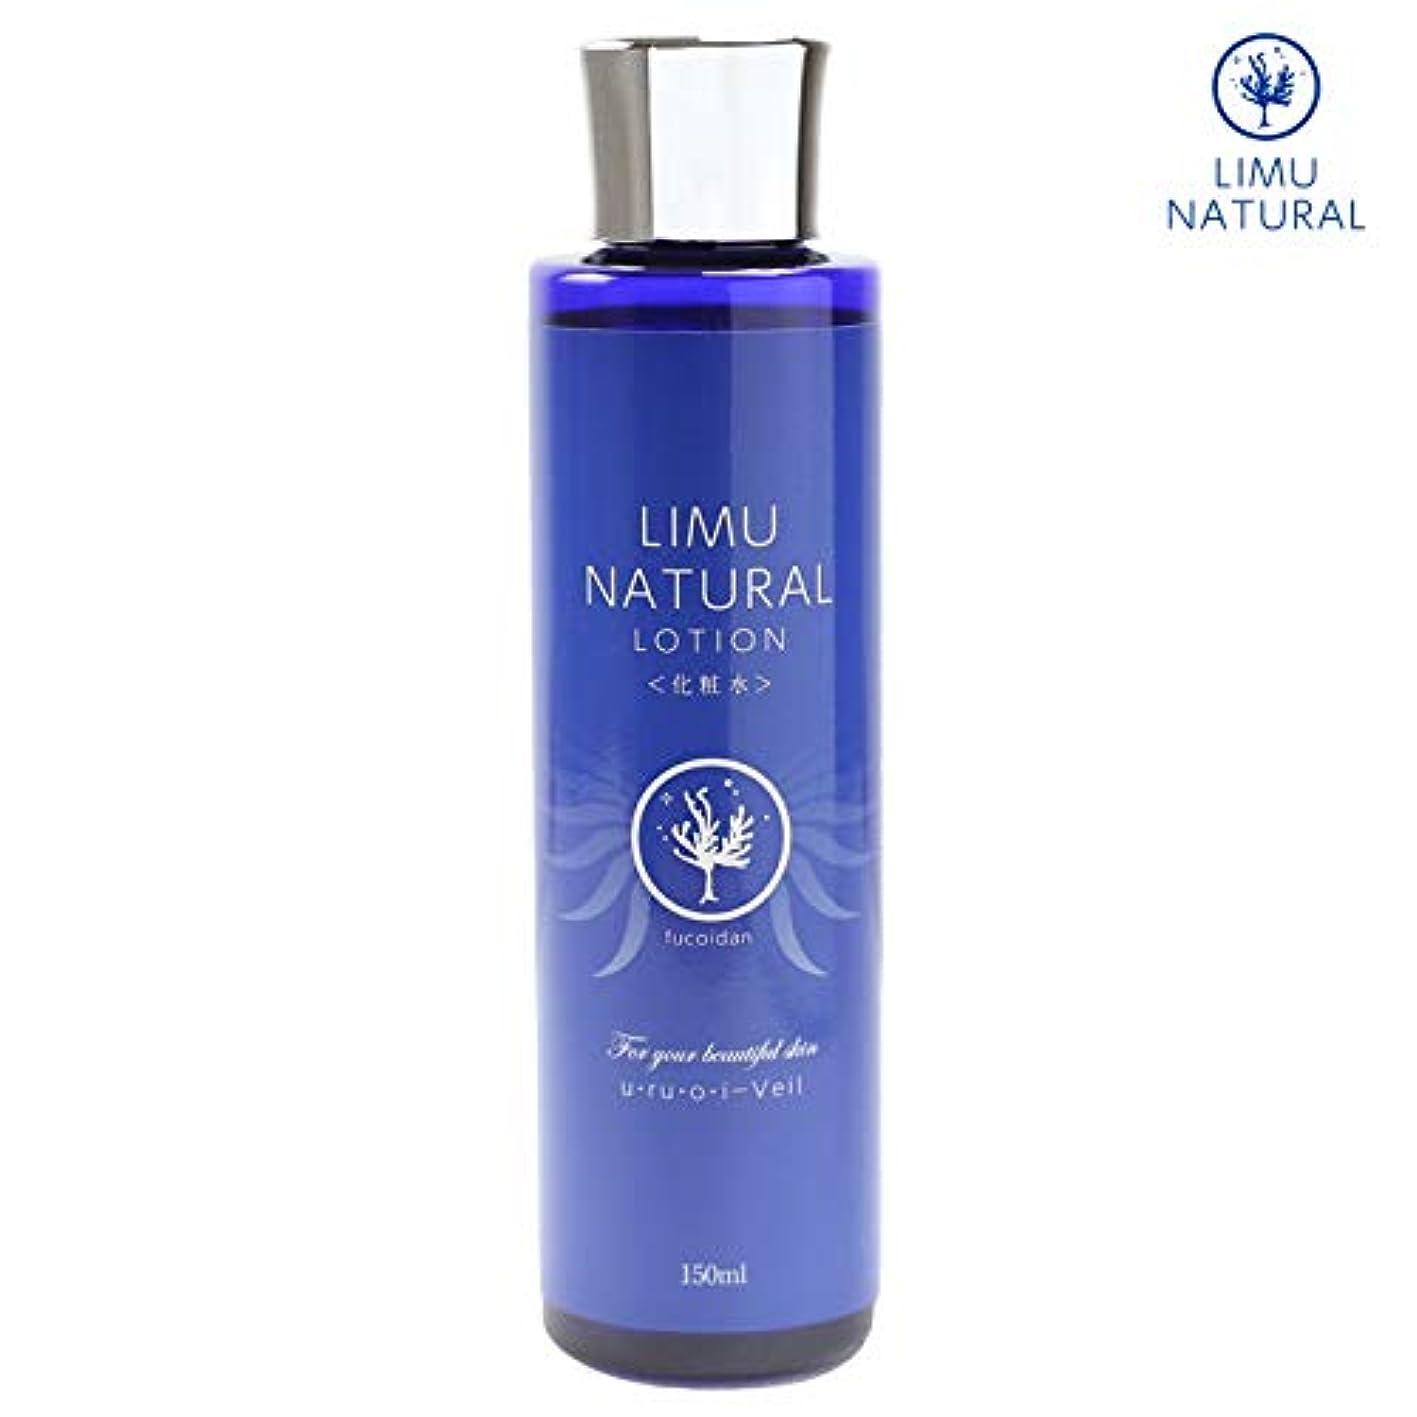 普通に手つかずの植物のリムナチュラル 化粧水 LIMU NATURAL LOTION (150ml) 海の恵「フコイダン」と大地の恵「グリセリルグルコシド」を贅沢に配合